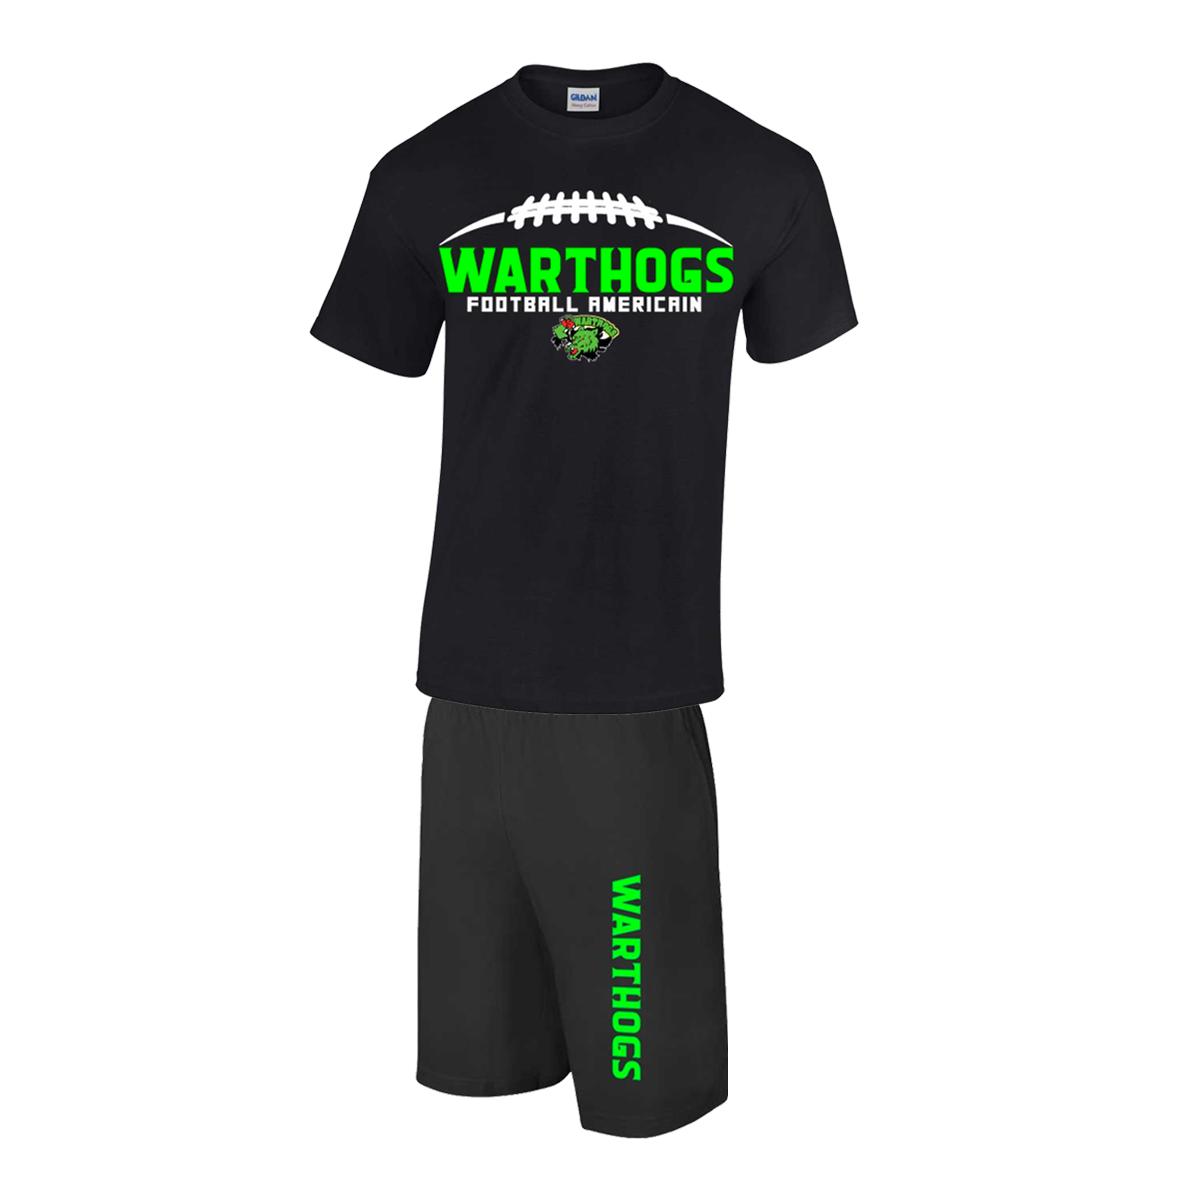 T-shirt-pack-warthogs-noir--0-0--49e38c8d-c41f-4deb-95ee-822eddff34d5